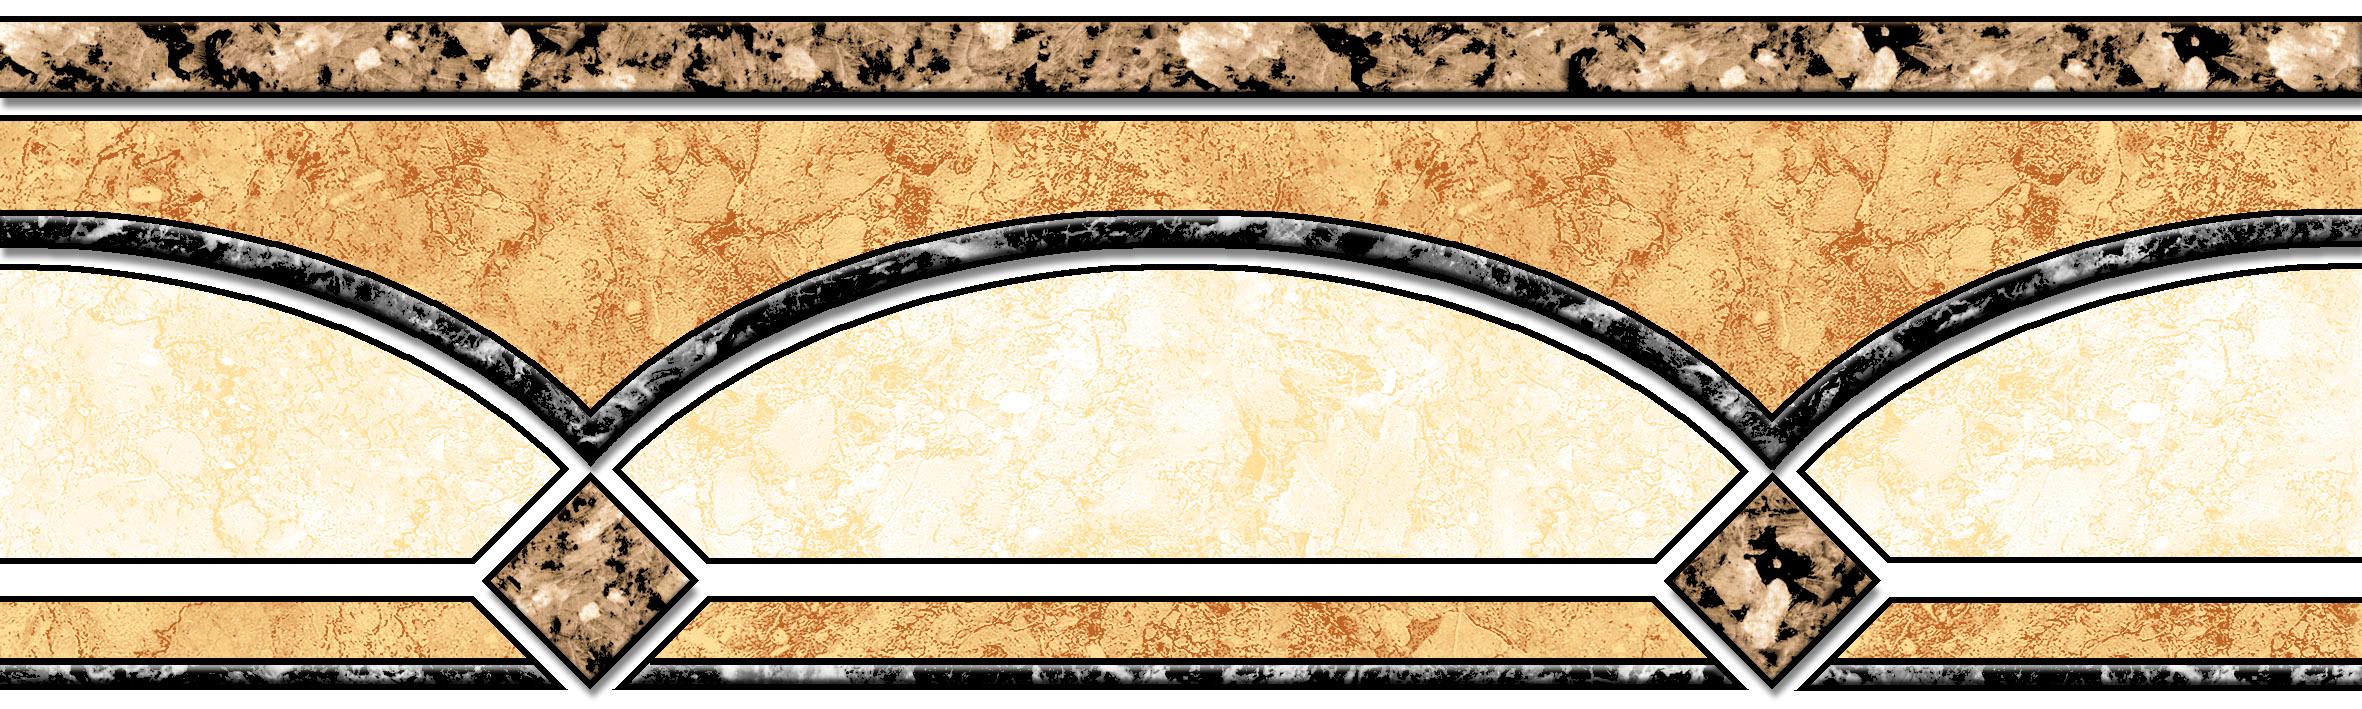 Палермо песочный 62-01-23-033-0/44-01-23-33-00/ бордюр 20х6 46 23